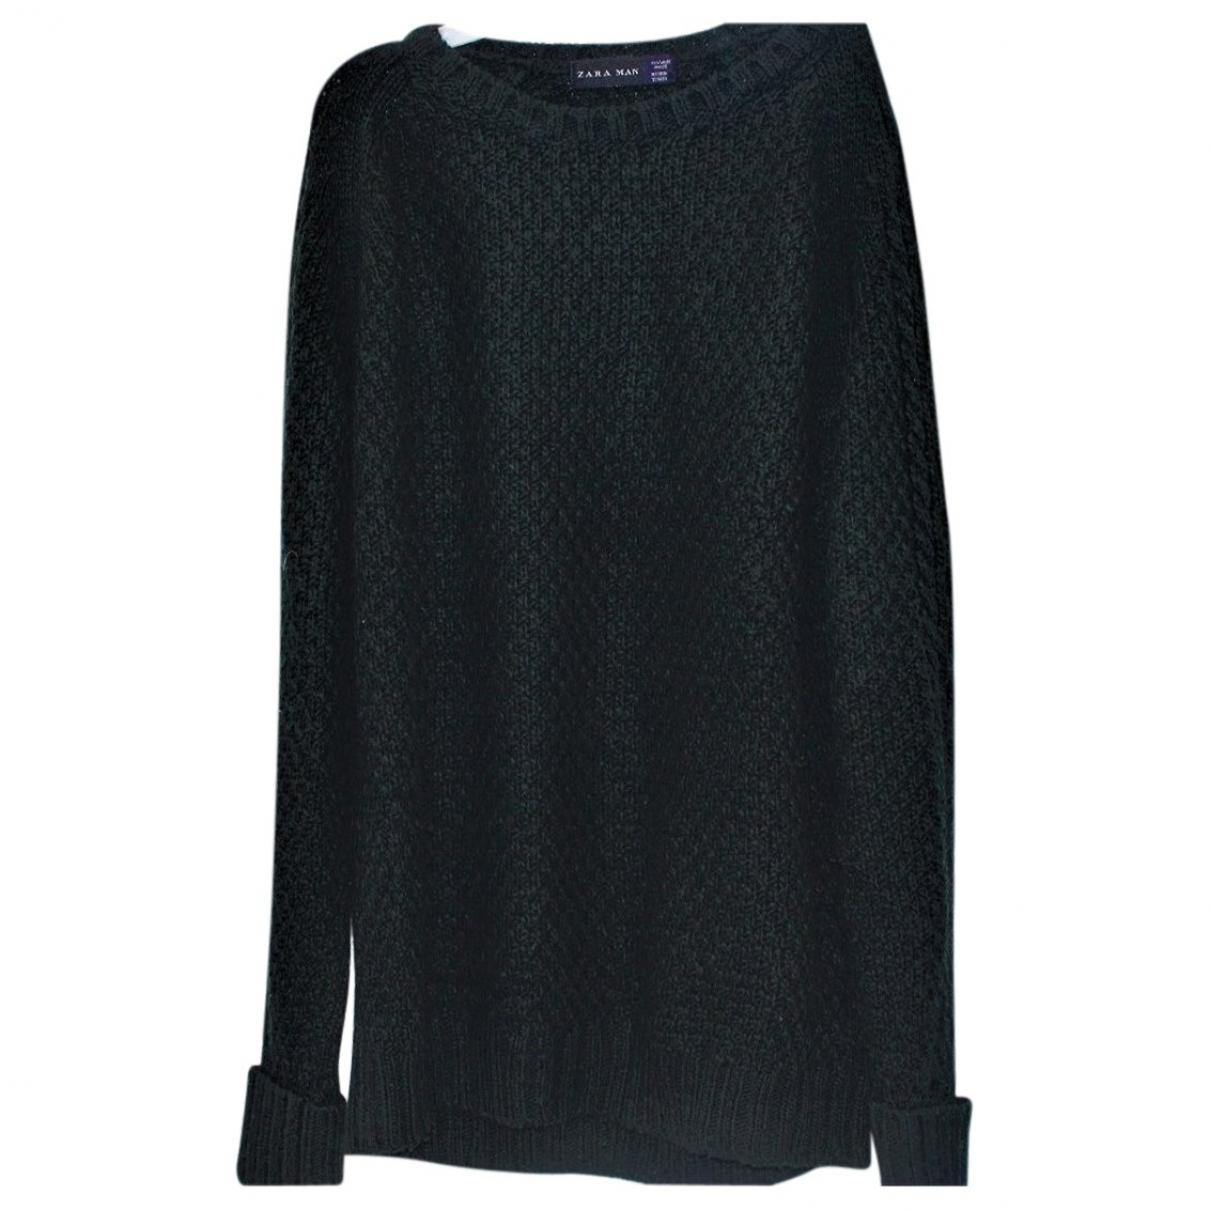 Zara - Pulls.Gilets.Sweats   pour homme en laine - vert